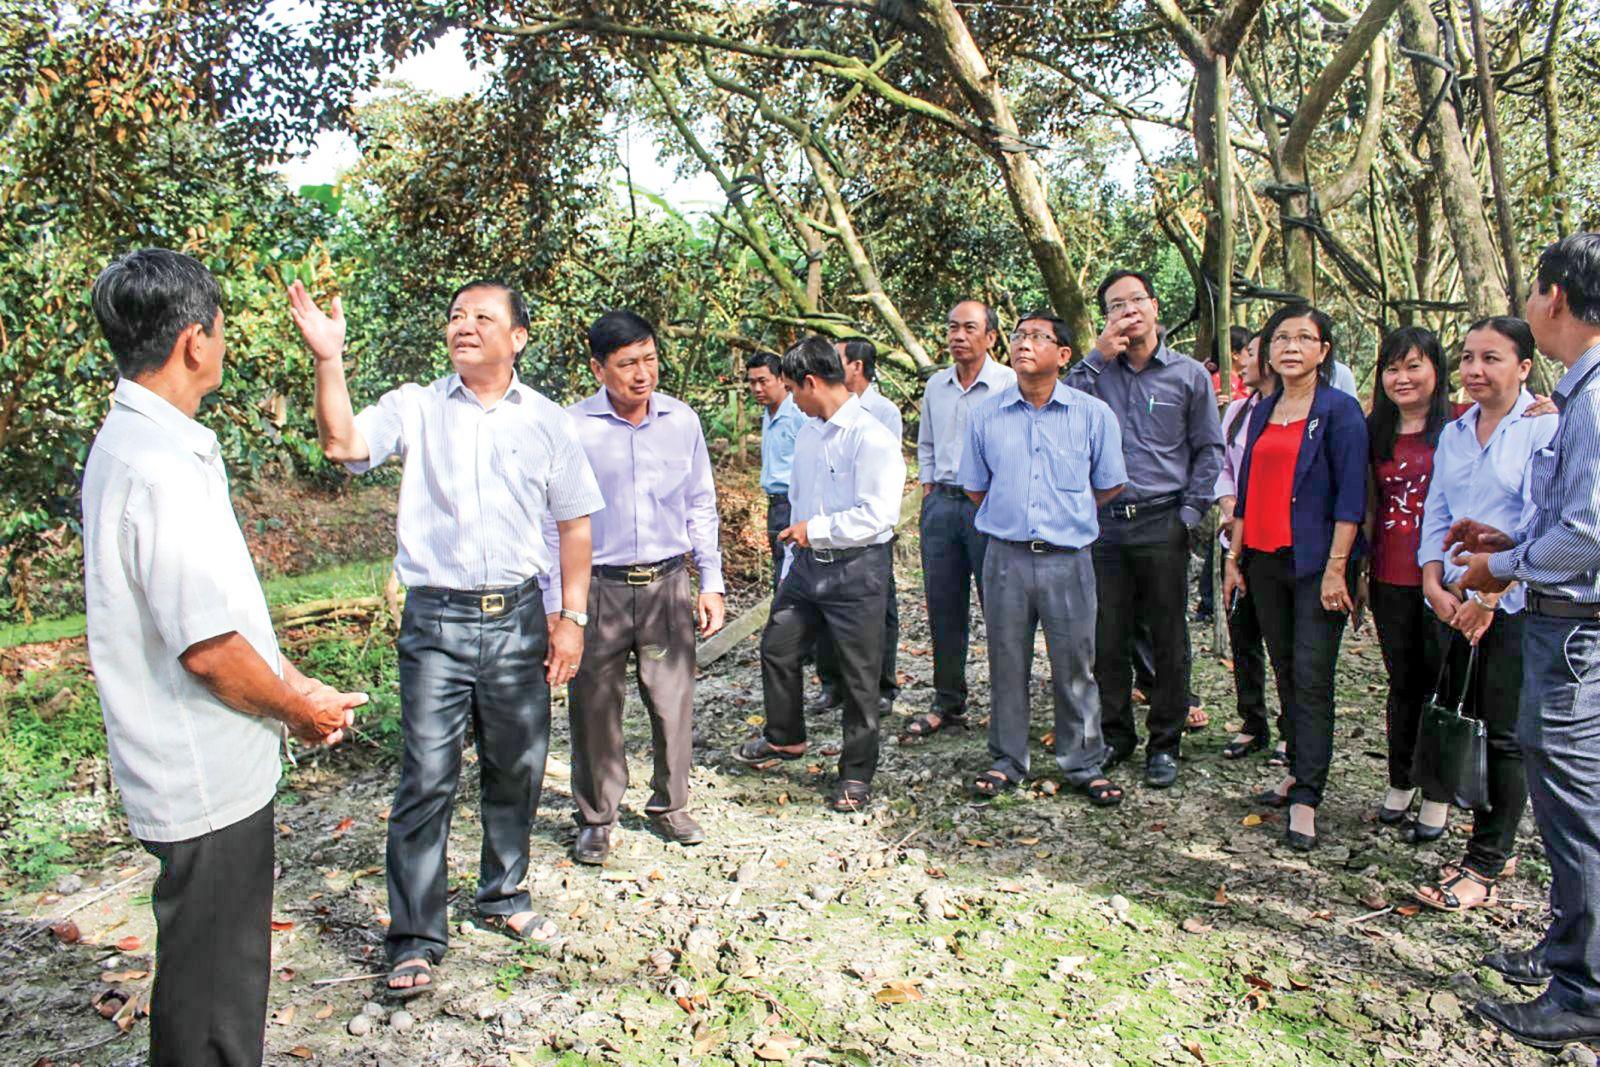 Ông Đào Anh Dũng, Phó Chủ tịch UBND TP Cần Thơ (thứ hai từ trái sang) cùng lãnh đạo Sở NN&PTNT thành phố, huyện Phong Điền kiểm tra quy trình sản xuất vú sữa tại Hợp tác xã vườn cây ăn trái ấp Trường Khương A. Ảnh: HÀ VĂN